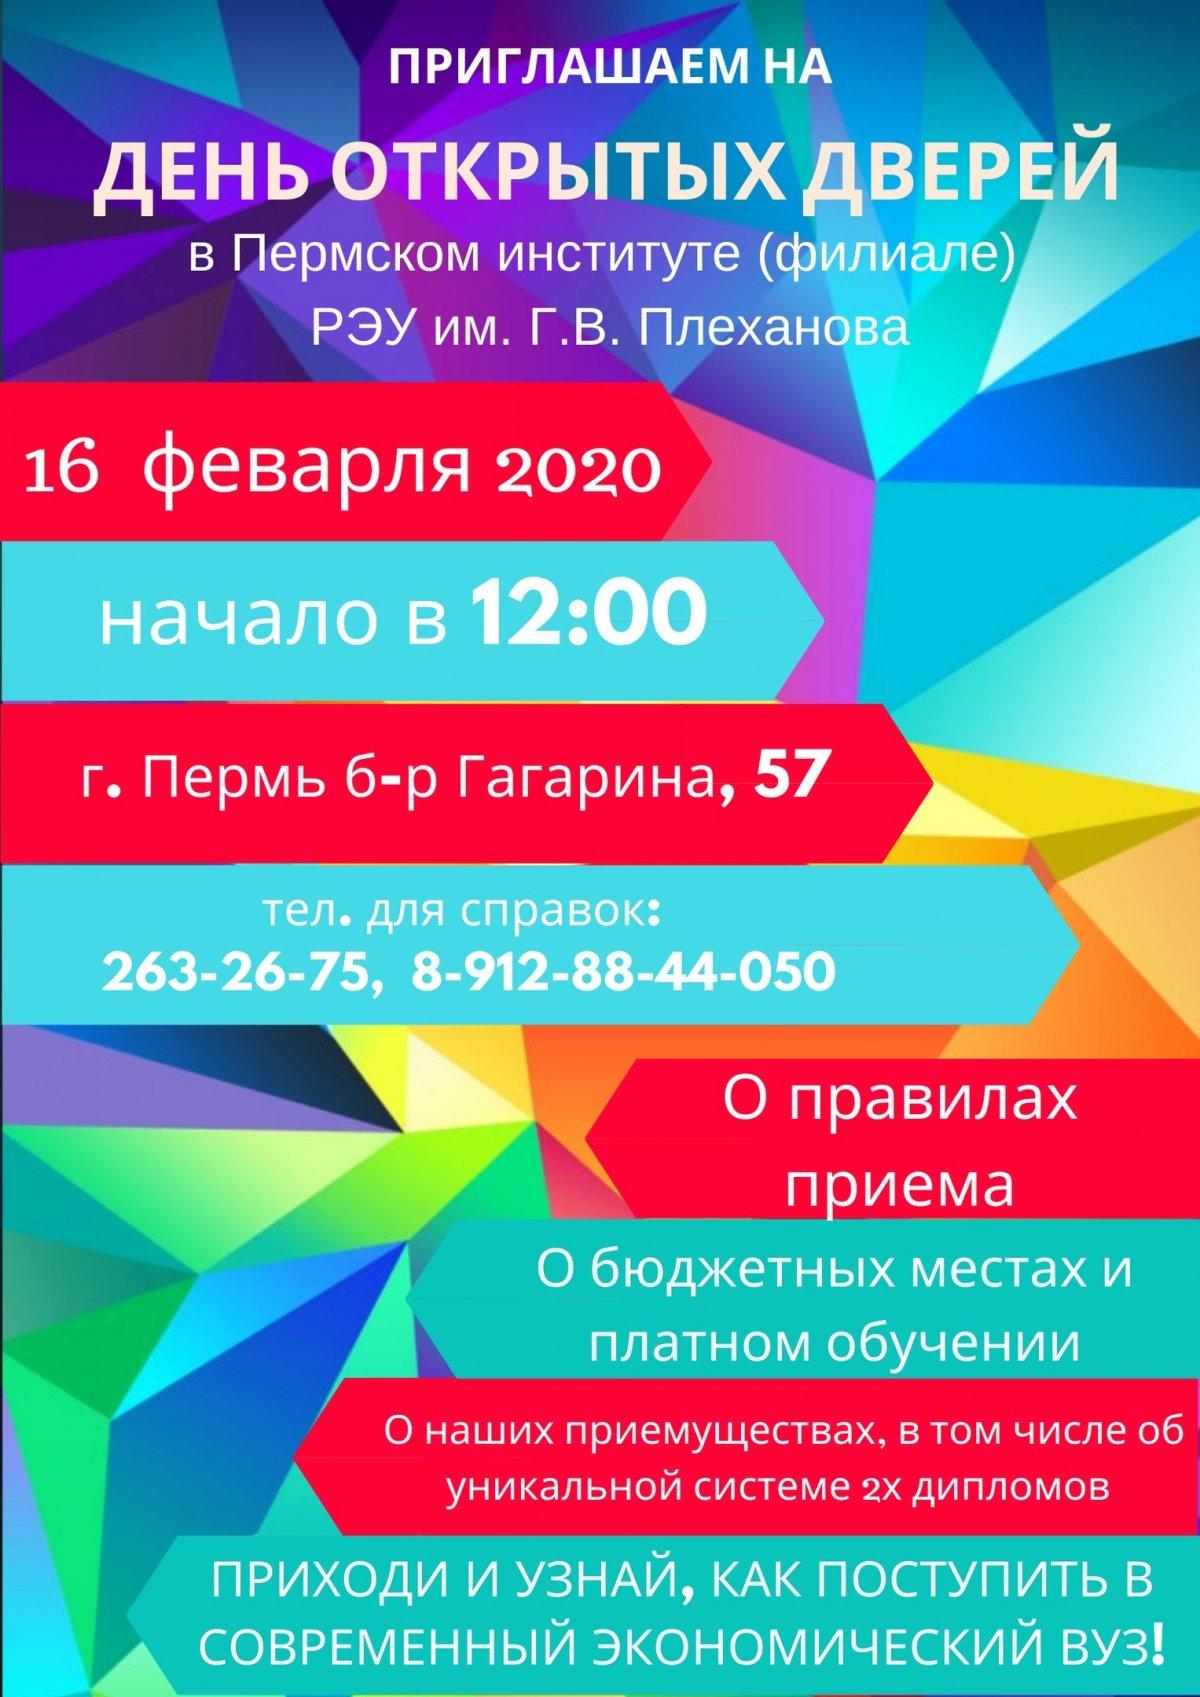 16 ФЕВРАЛЯ СОСТОИТСЯ ДЕНЬ ОТКРЫТЫХ ДВЕРЕЙ!